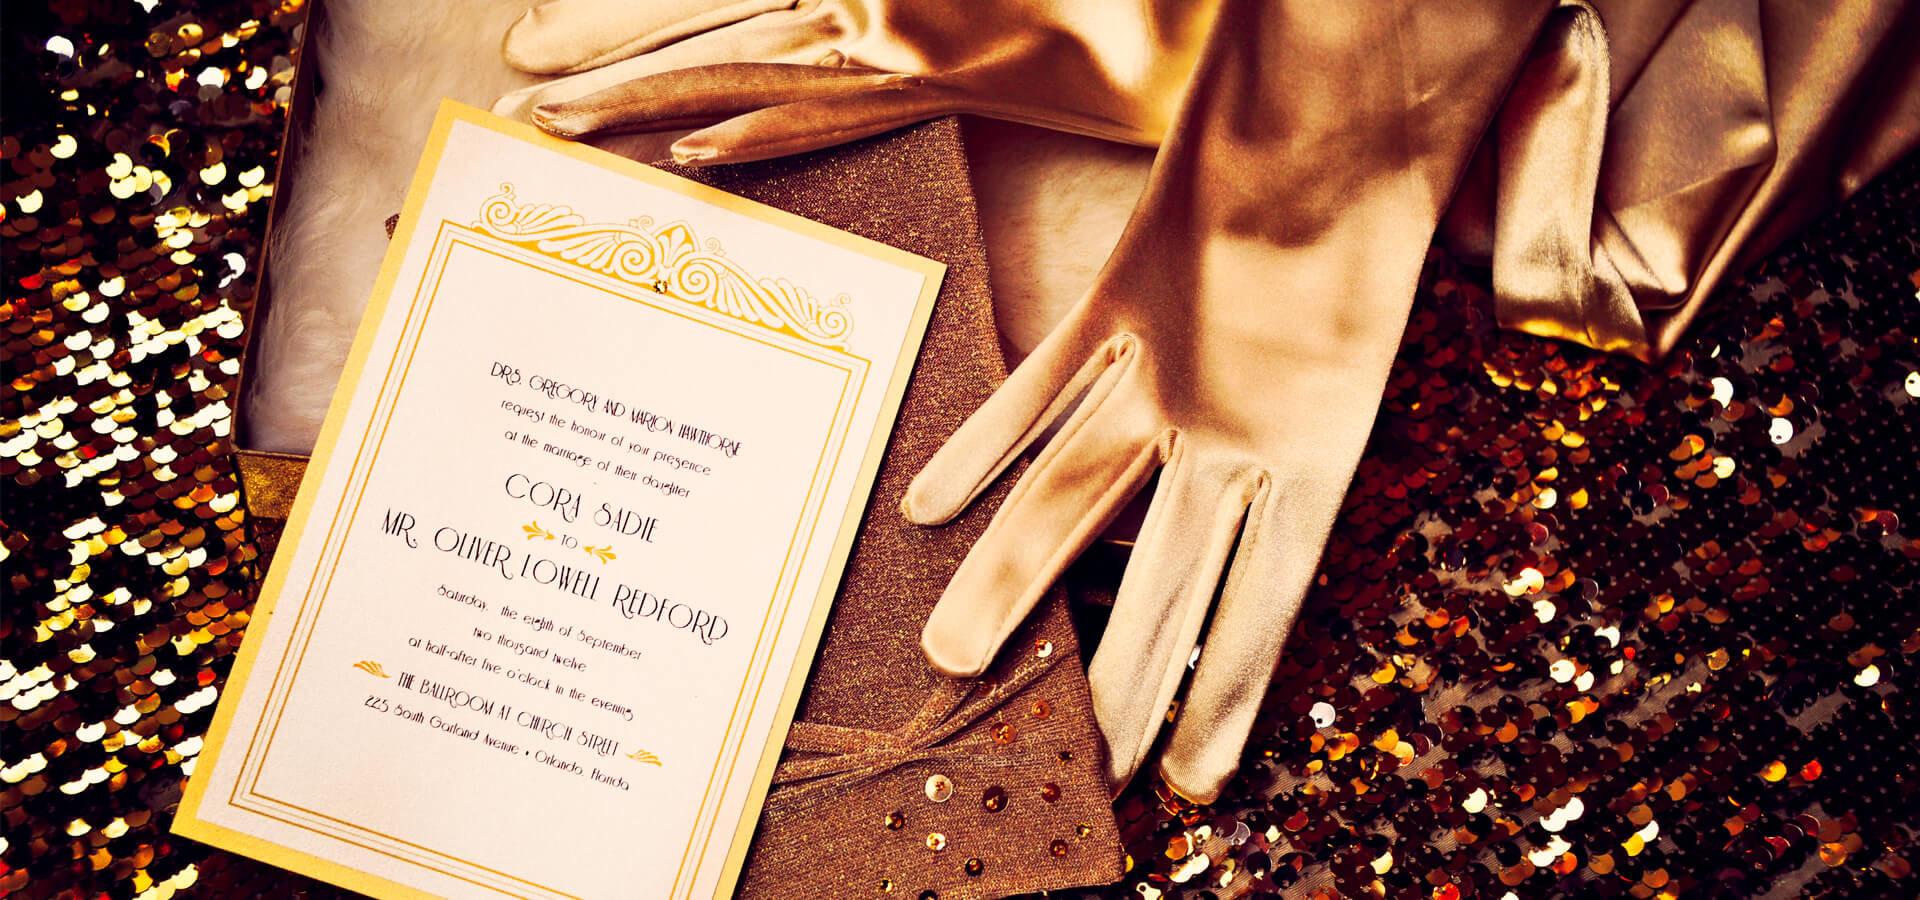 Шикарная свадьба в стиле «Великого Гэтсби»